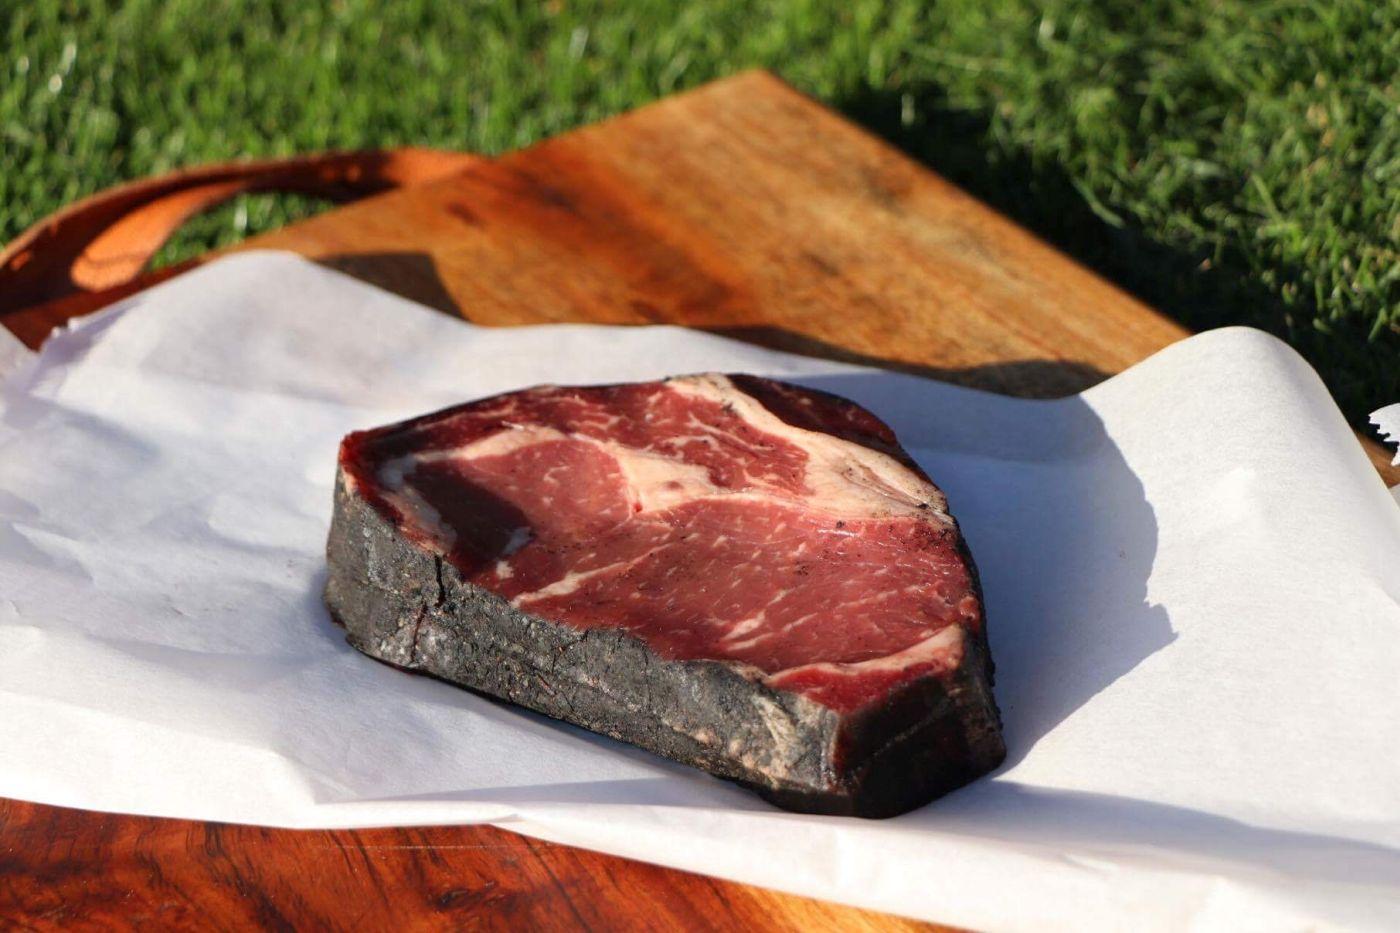 steak r ckw rts grillen bbqlicate food bbq blog. Black Bedroom Furniture Sets. Home Design Ideas